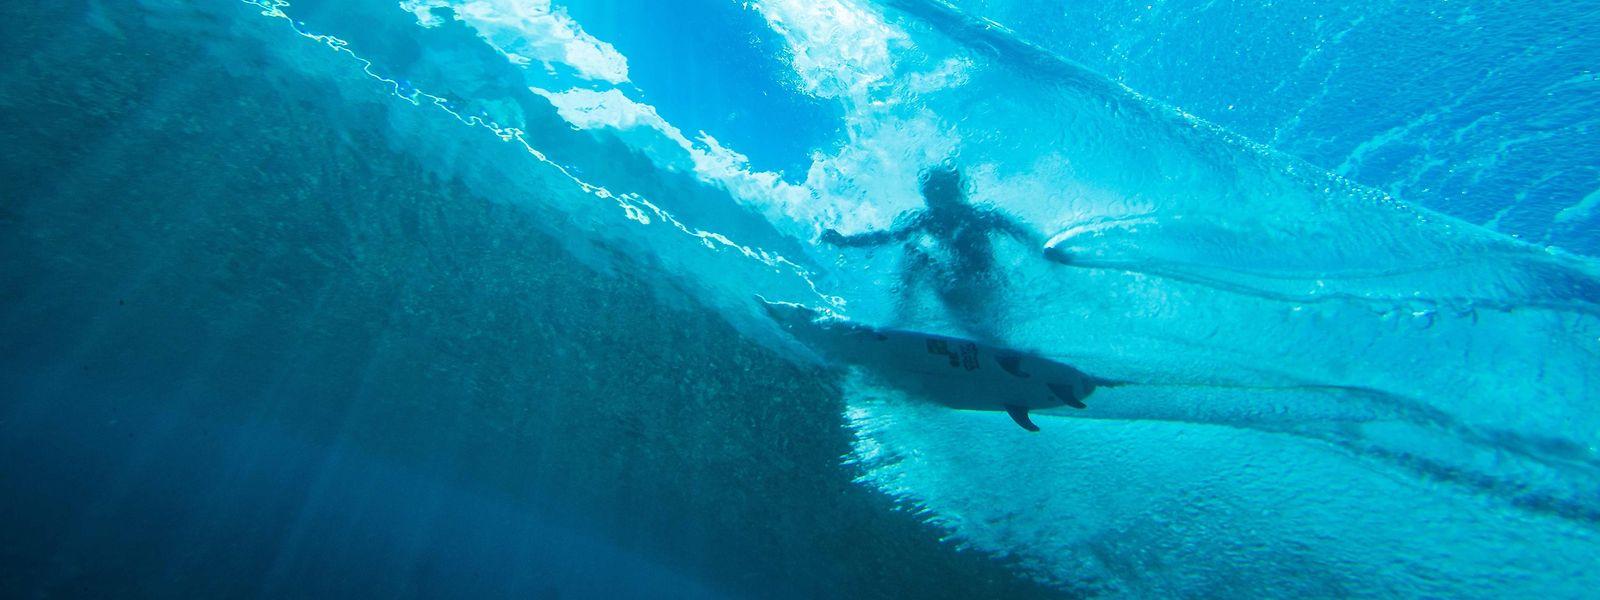 Tahiti respecte le cahier des charges en matière de coût, d'environnement ou encore d'aspects sportifs pour accueillir le surf aux JO 2024..